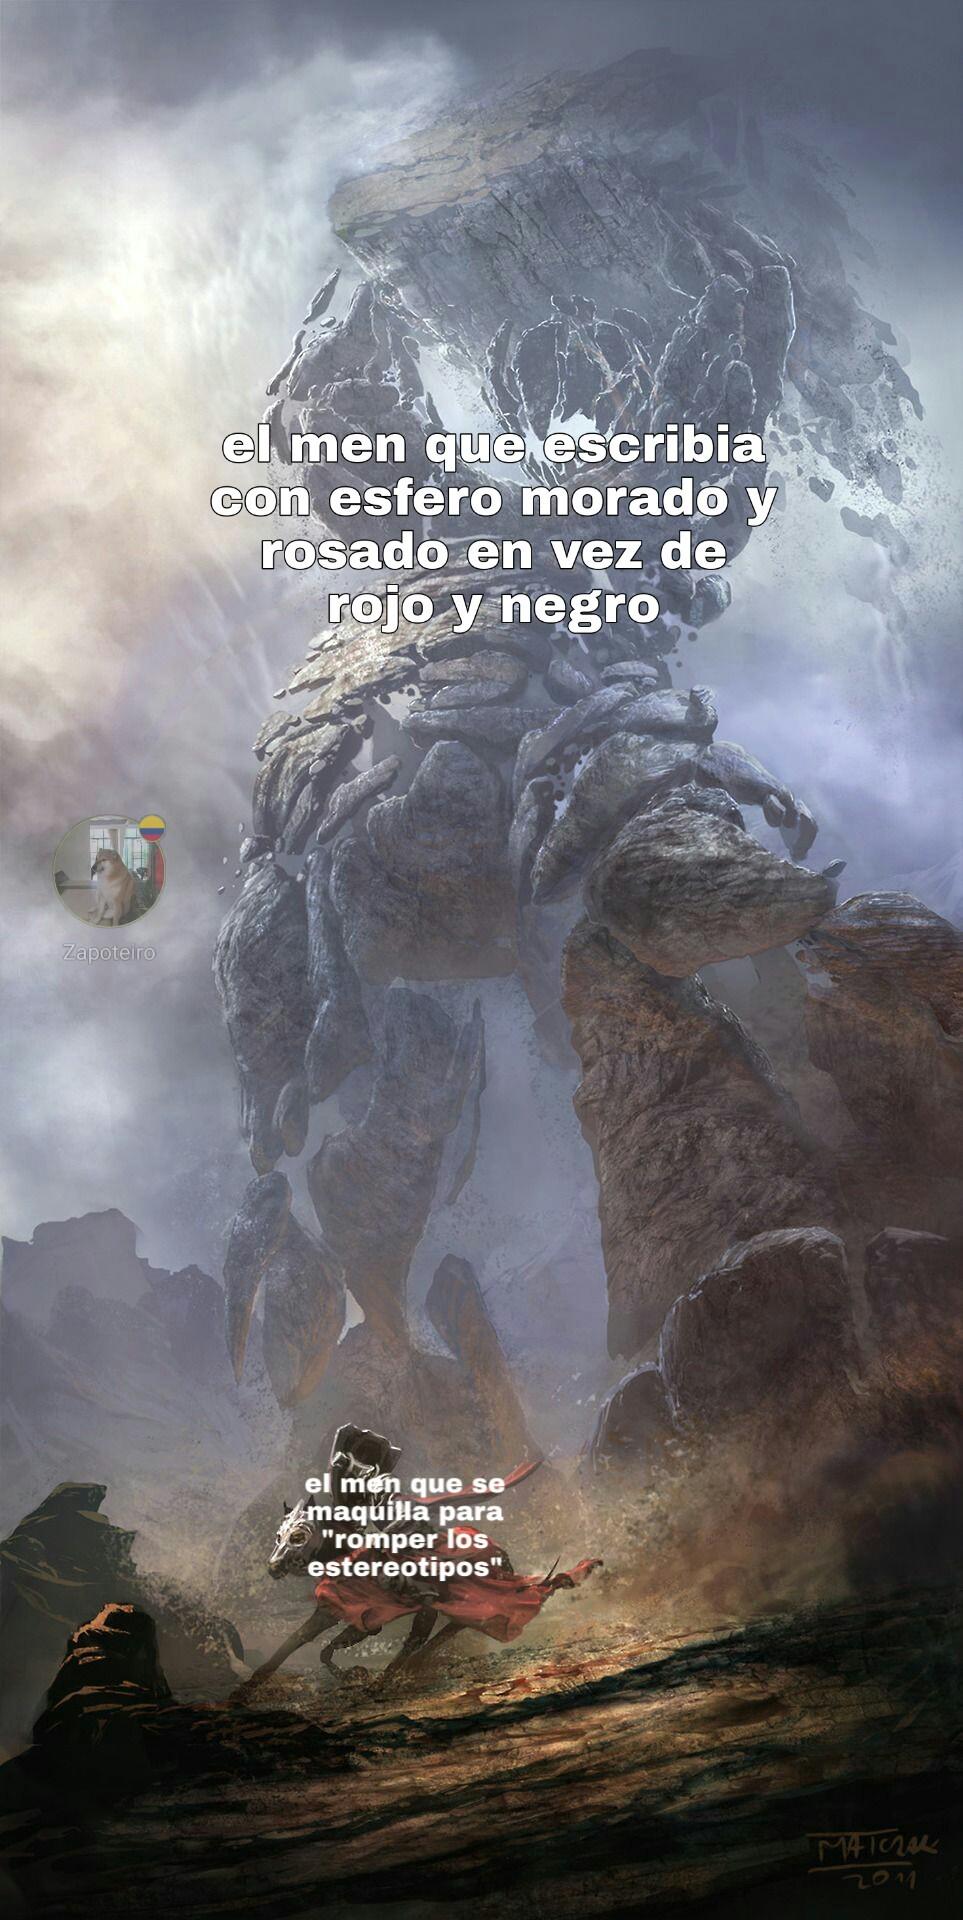 La wea sobreexplotadaaaa - meme